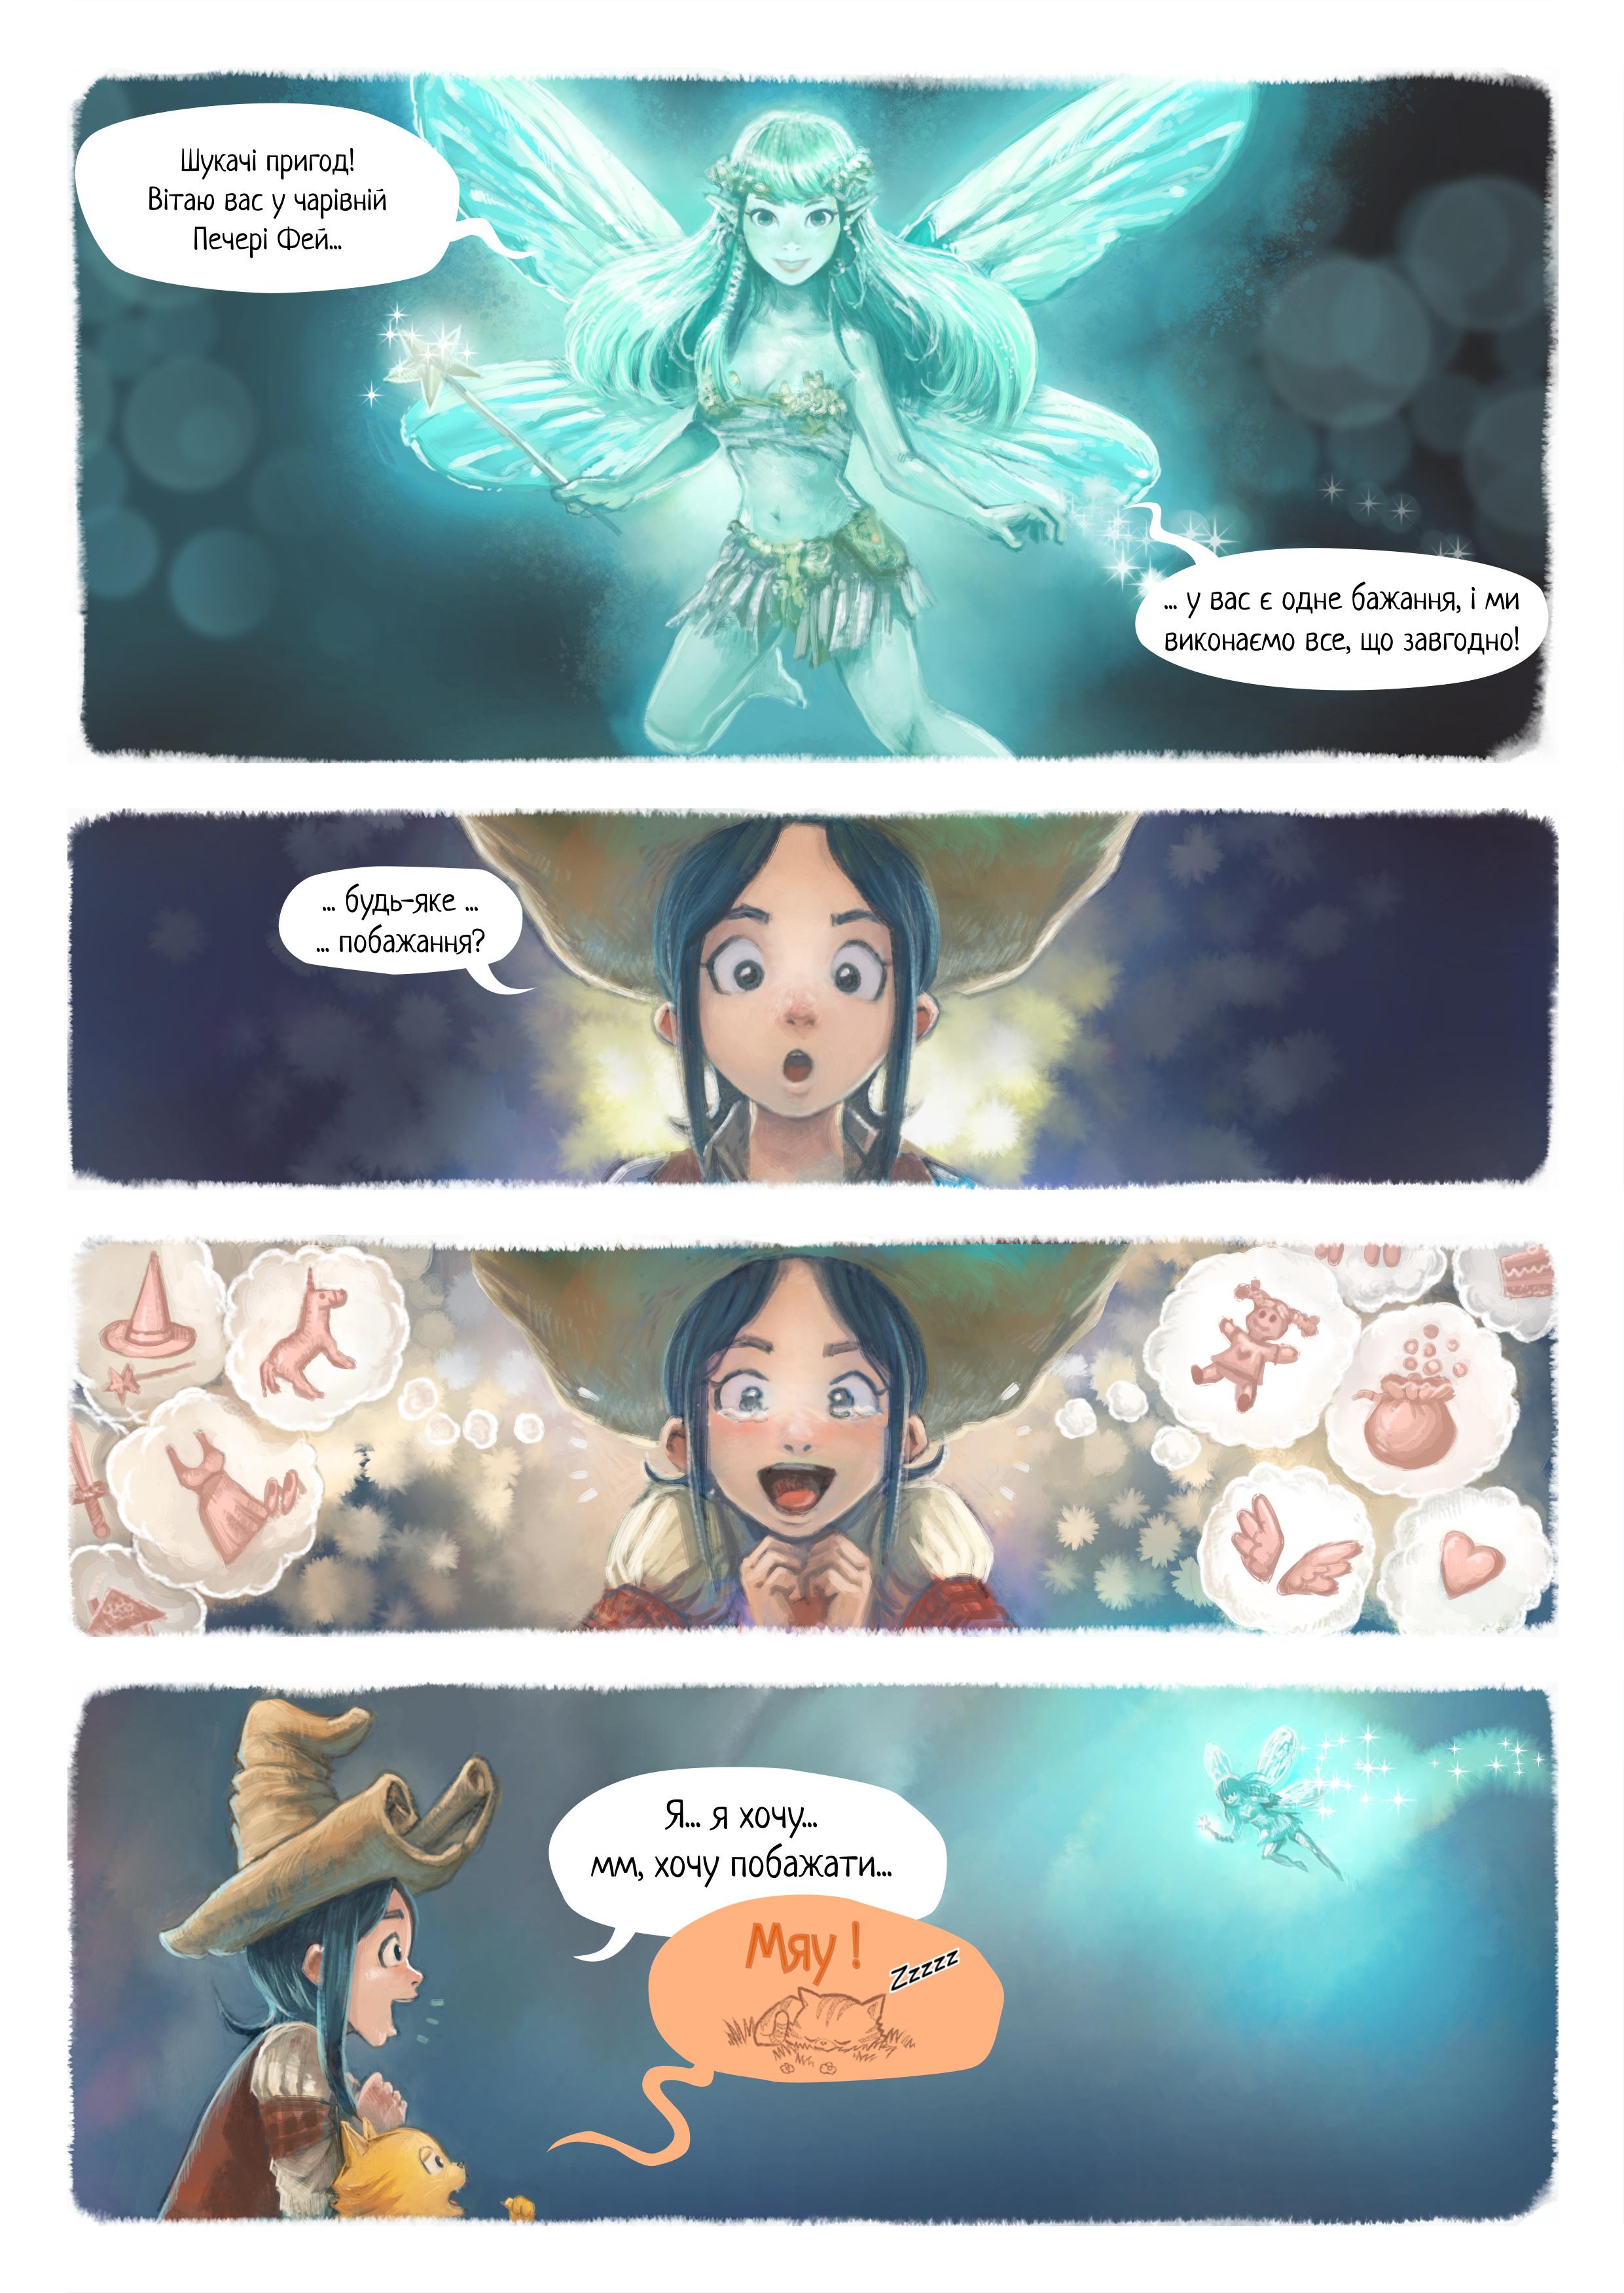 Епізод 7: Бажання, Page 4